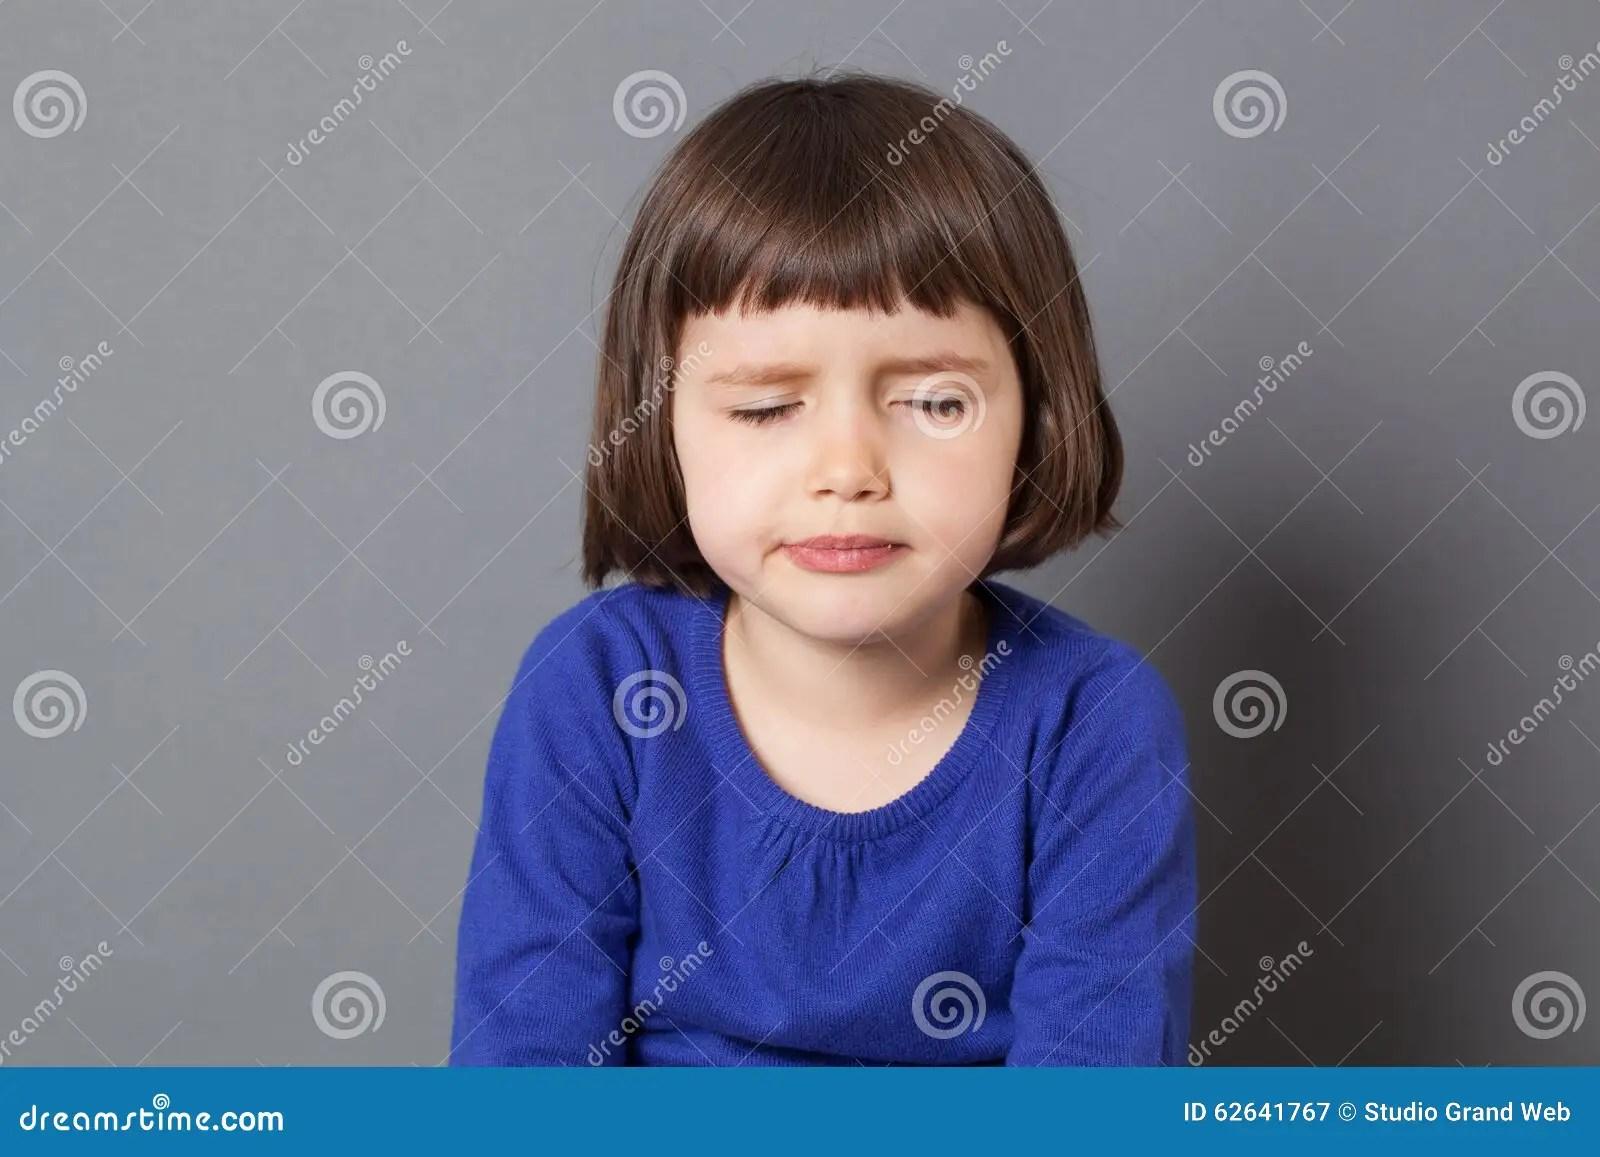 kid attitude concept for